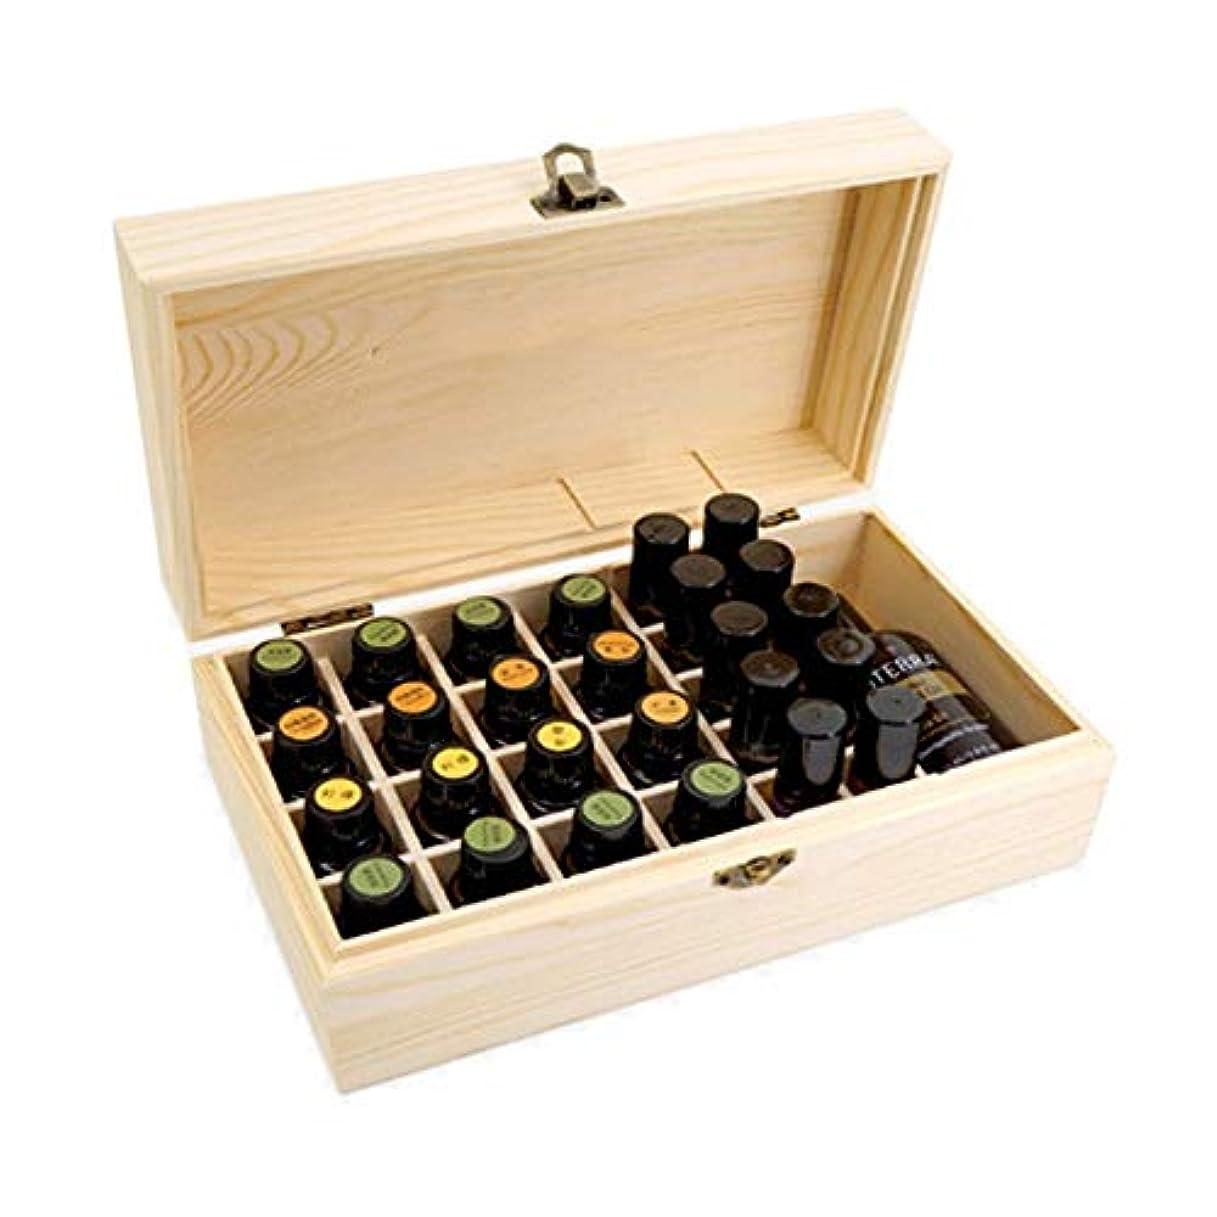 アヒル許容できるブラシキャリングそしてホームストレージディスプレイ用の18スロット木エッセンシャルオイルオーガナイザーストレージボックス金庫 アロマセラピー製品 (色 : Natural, サイズ : 25.5X14.8X9.9CM)